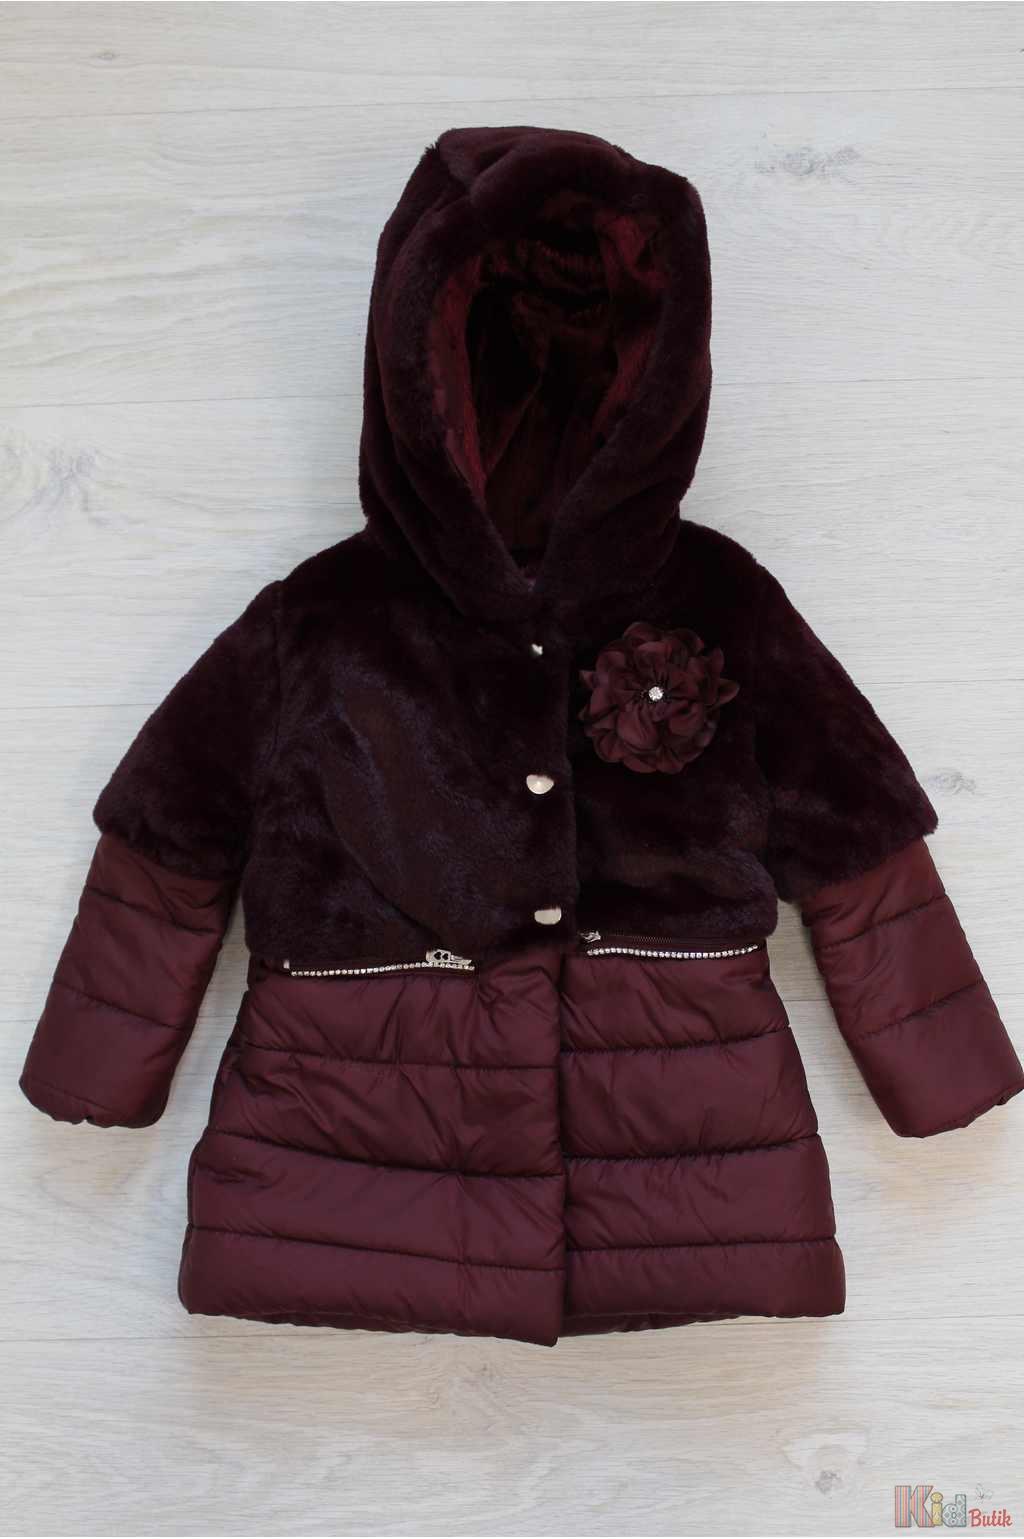 a4804b51b79105 ᐈ Куртки зимові для дівчаток ᐈ Купити в інтернет магазині KidButik™ ➔ Вигідна  ціна!